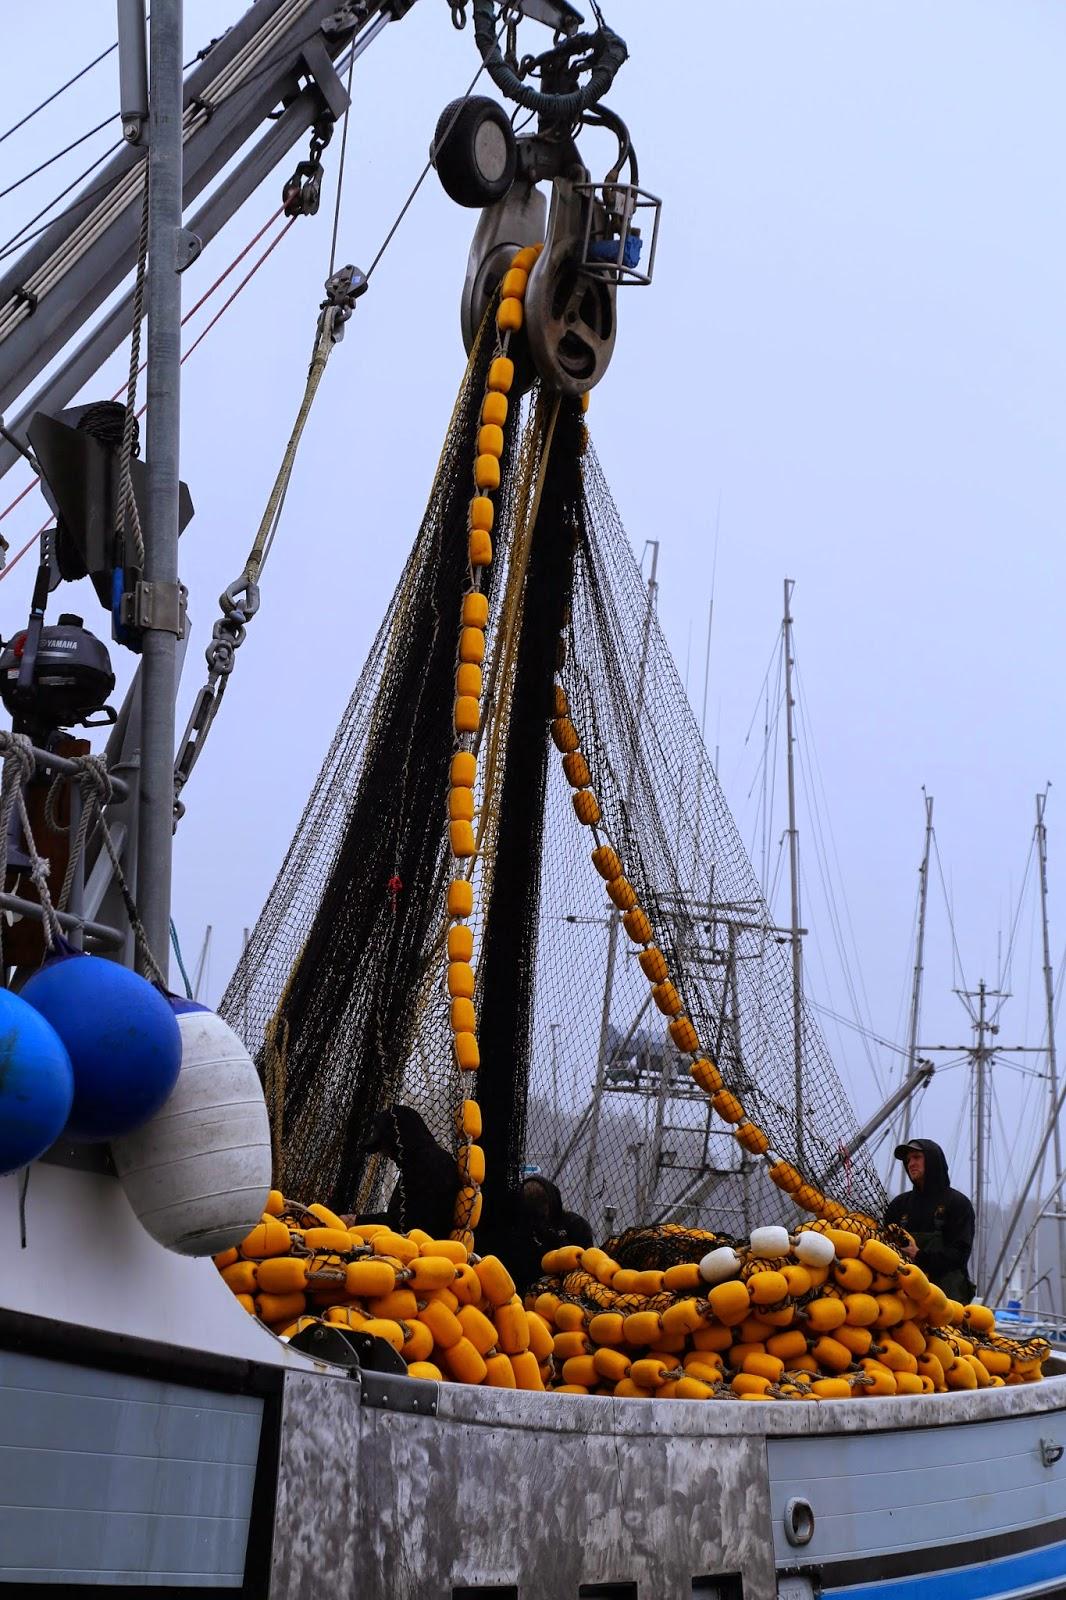 fishing boat, purse seining, sitka, alaska